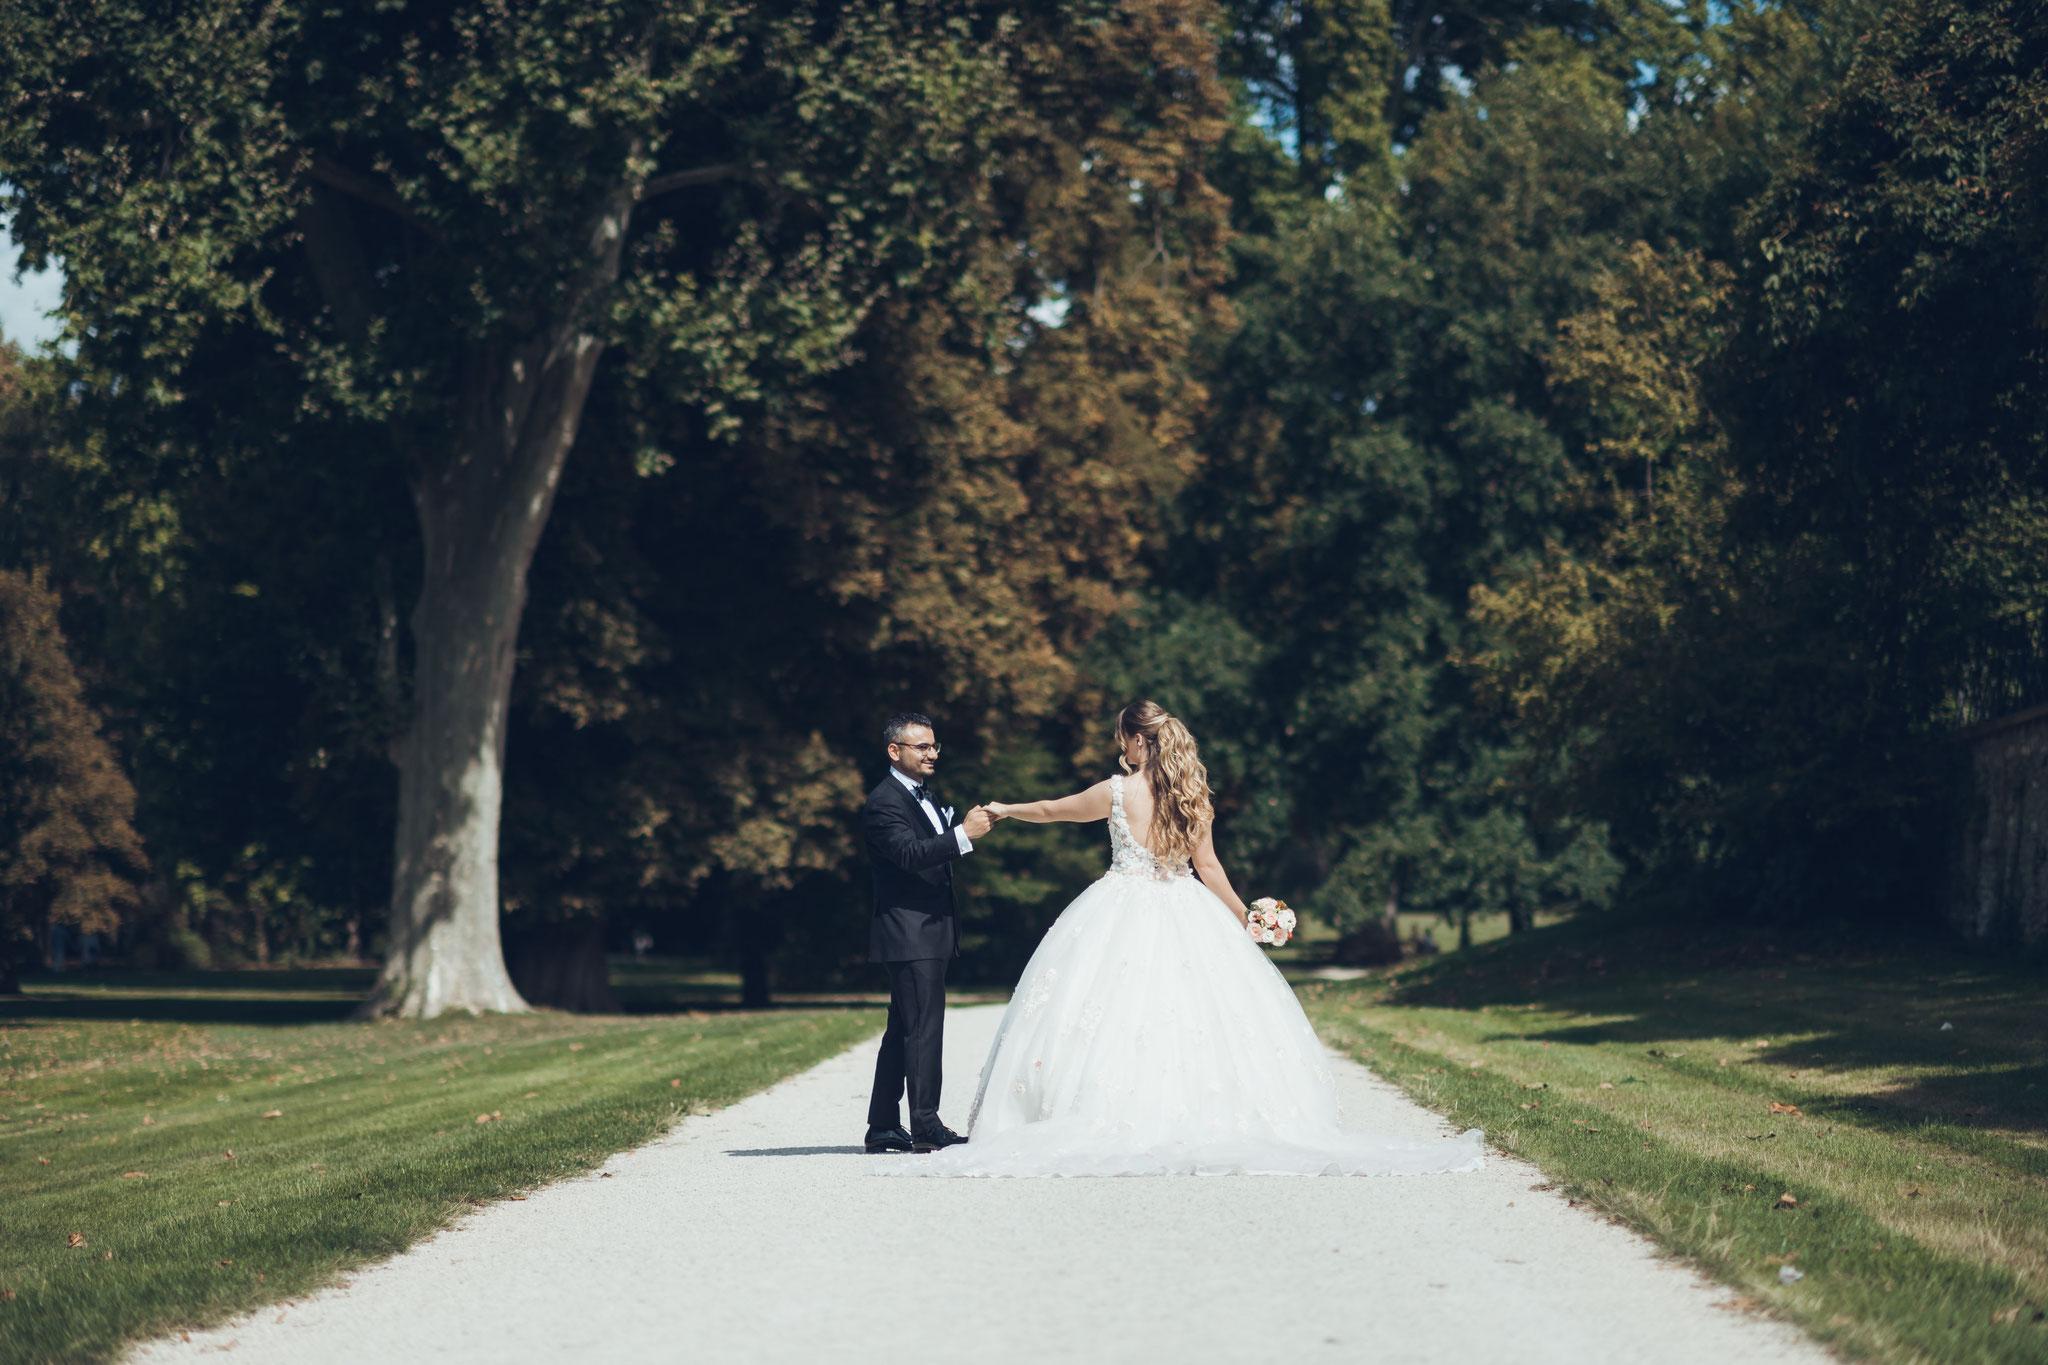 Romantische Hochzeitsfotos im Schlosspark Wiesbaden